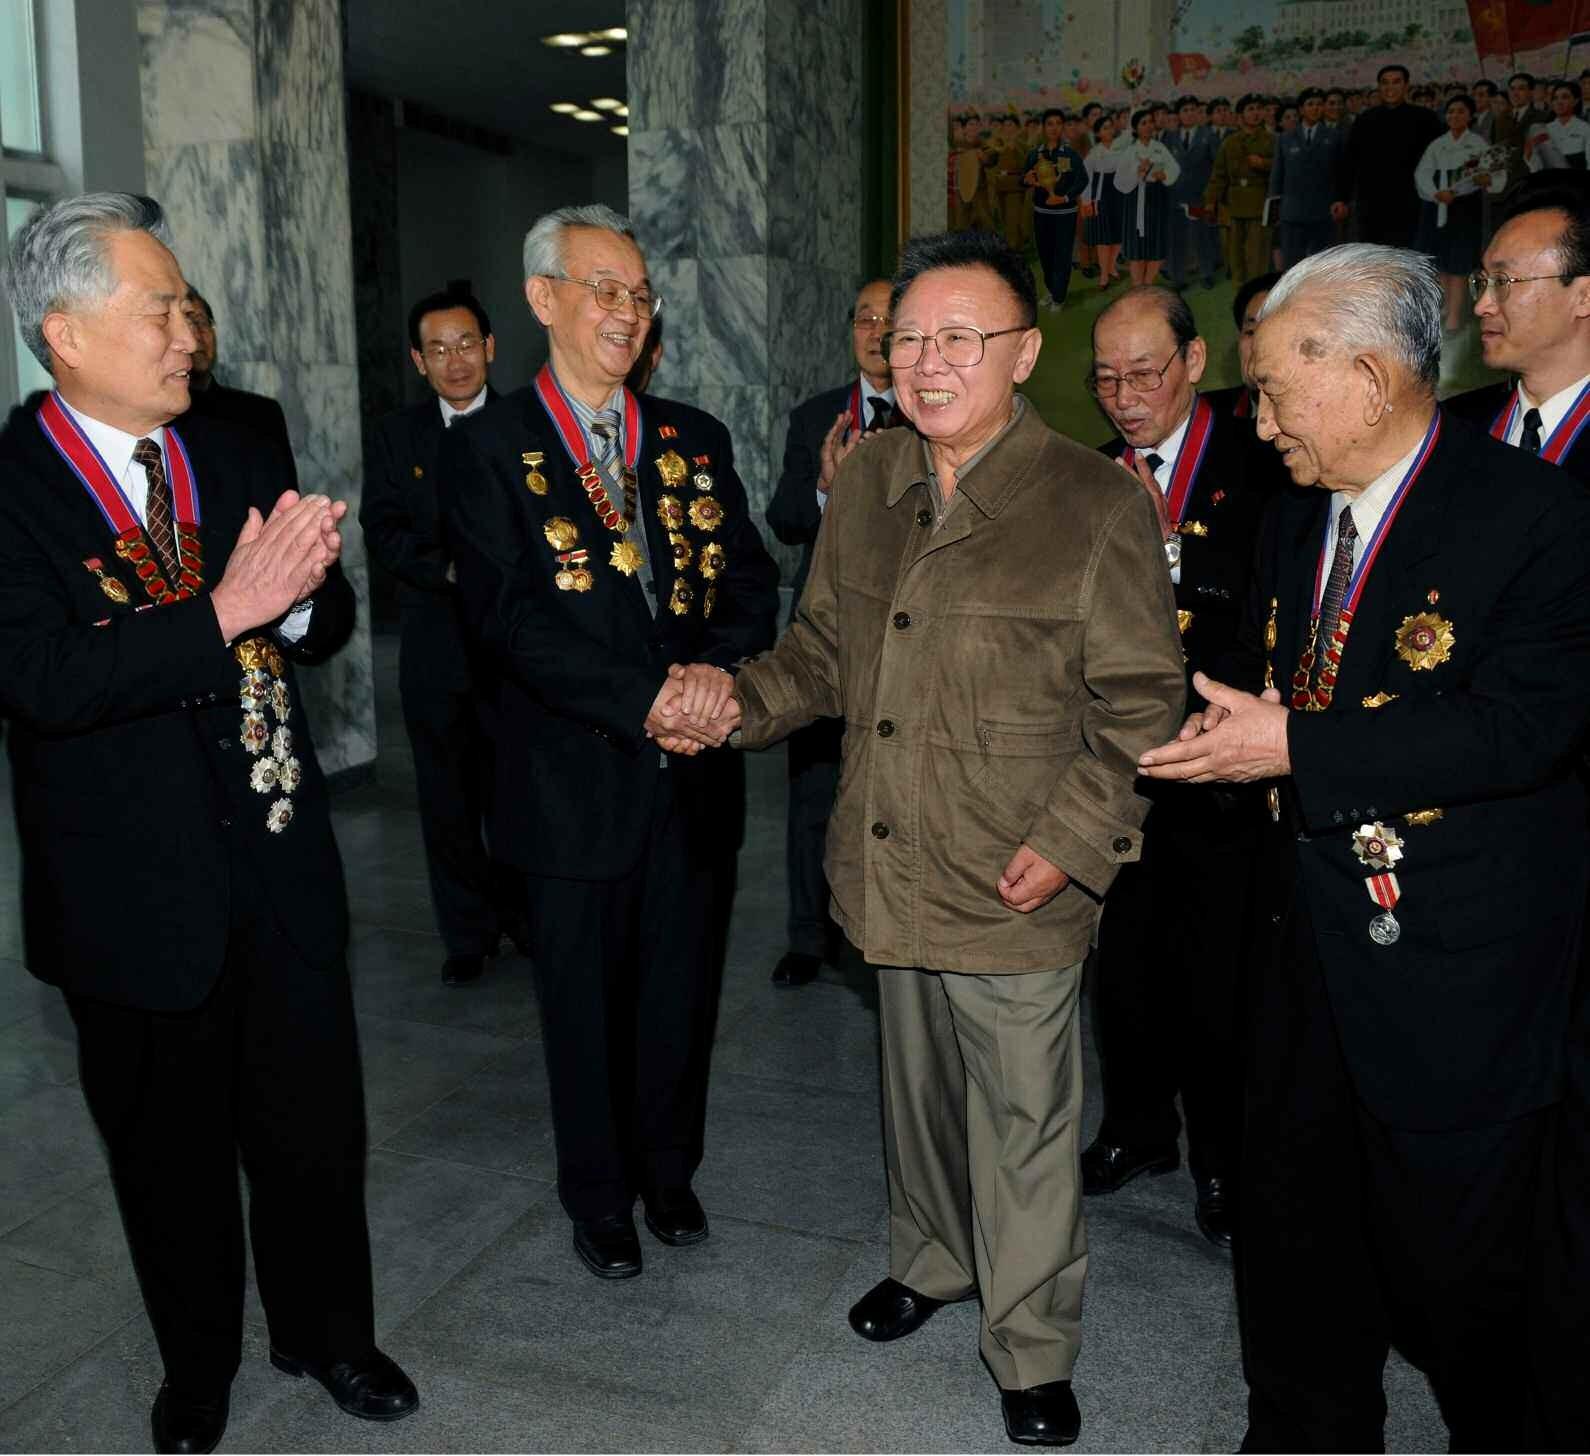 6. Великий Руководитель товарищ Ким Чен Ир встречается с преподавателями, научными сотрудниками Университета имени Ким Ир Сена, апрель 2010 года